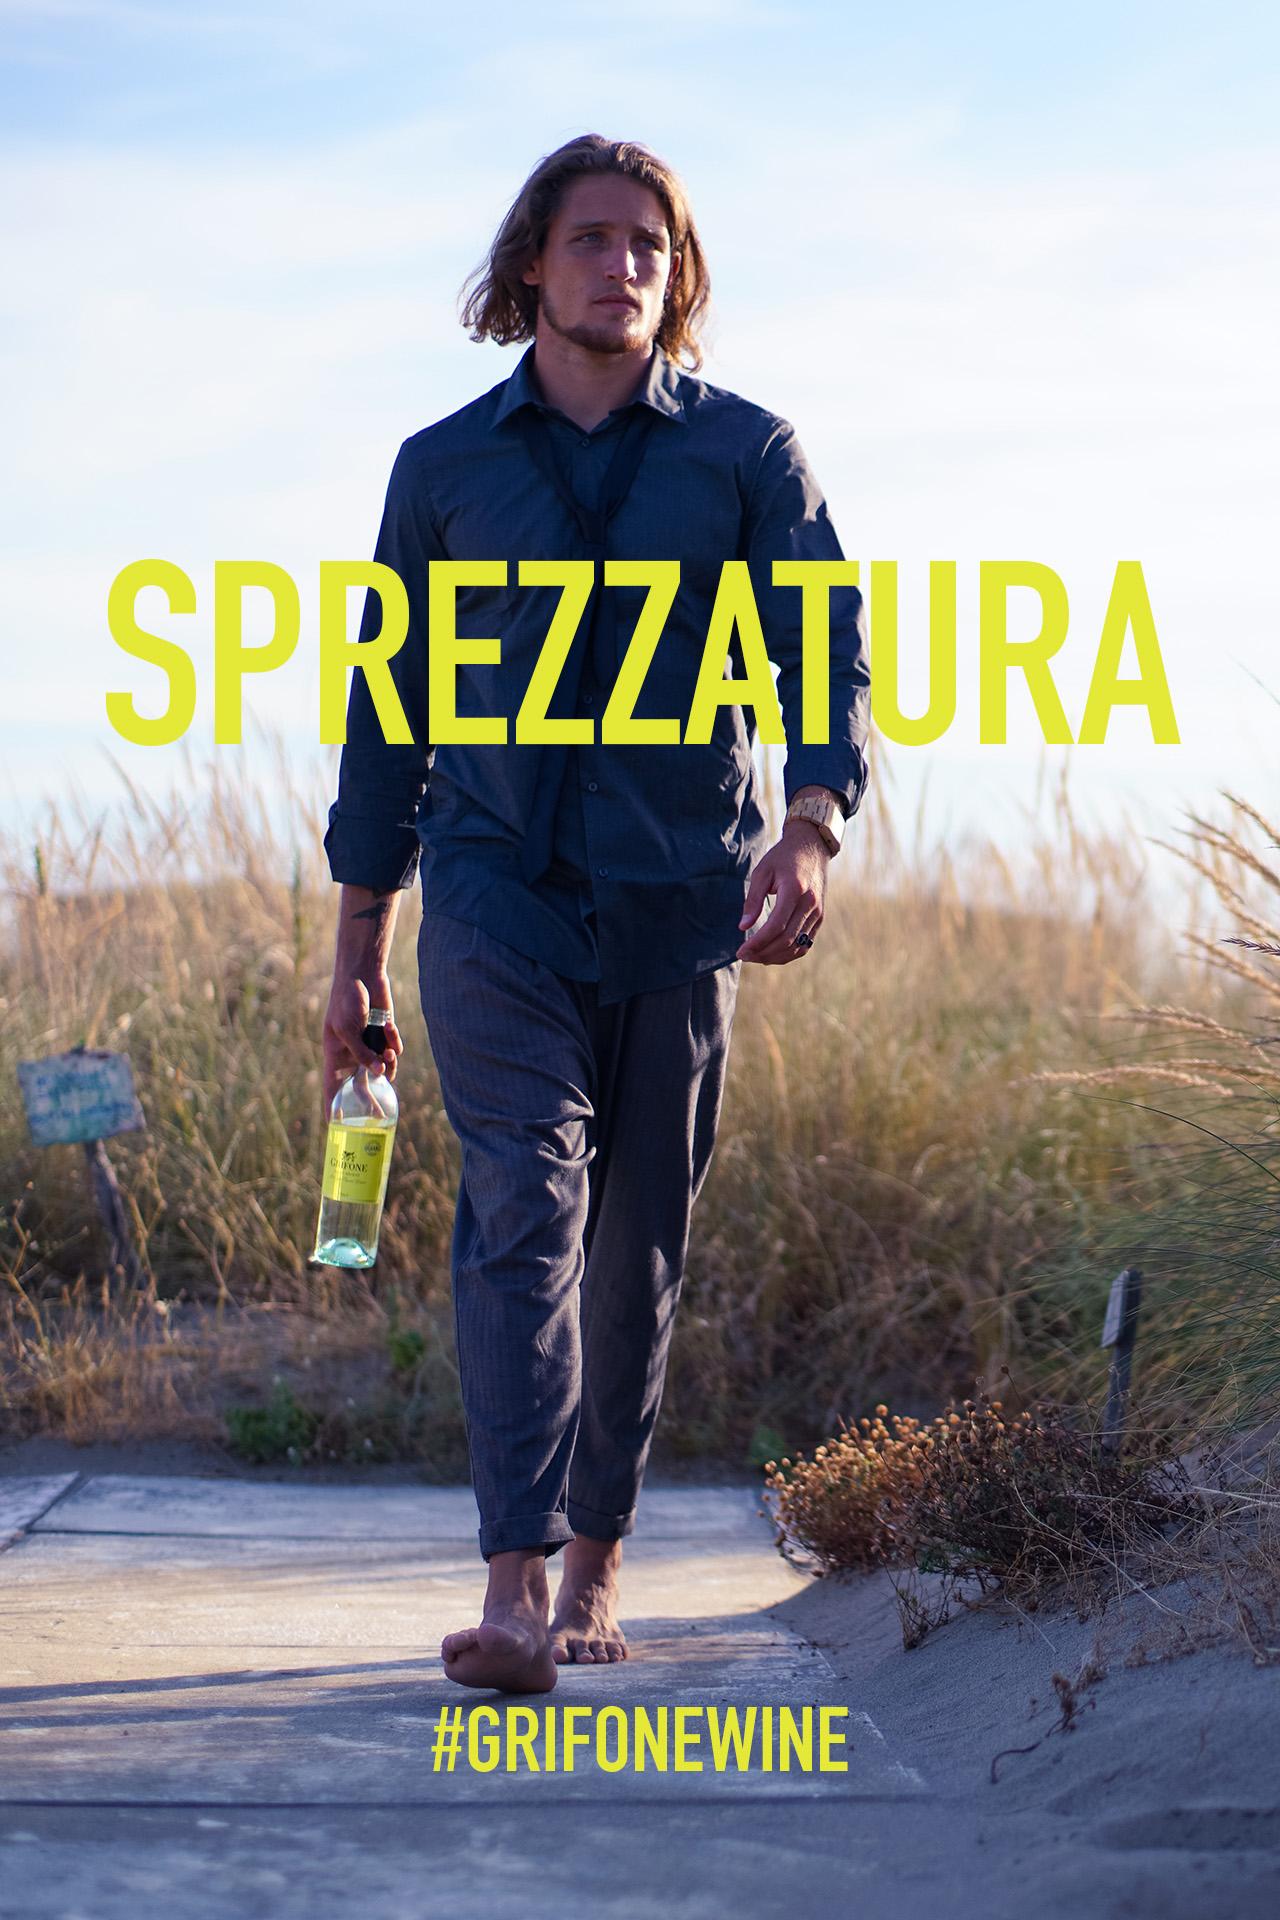 Sprezzatura-italian style and wine-#grifonewine